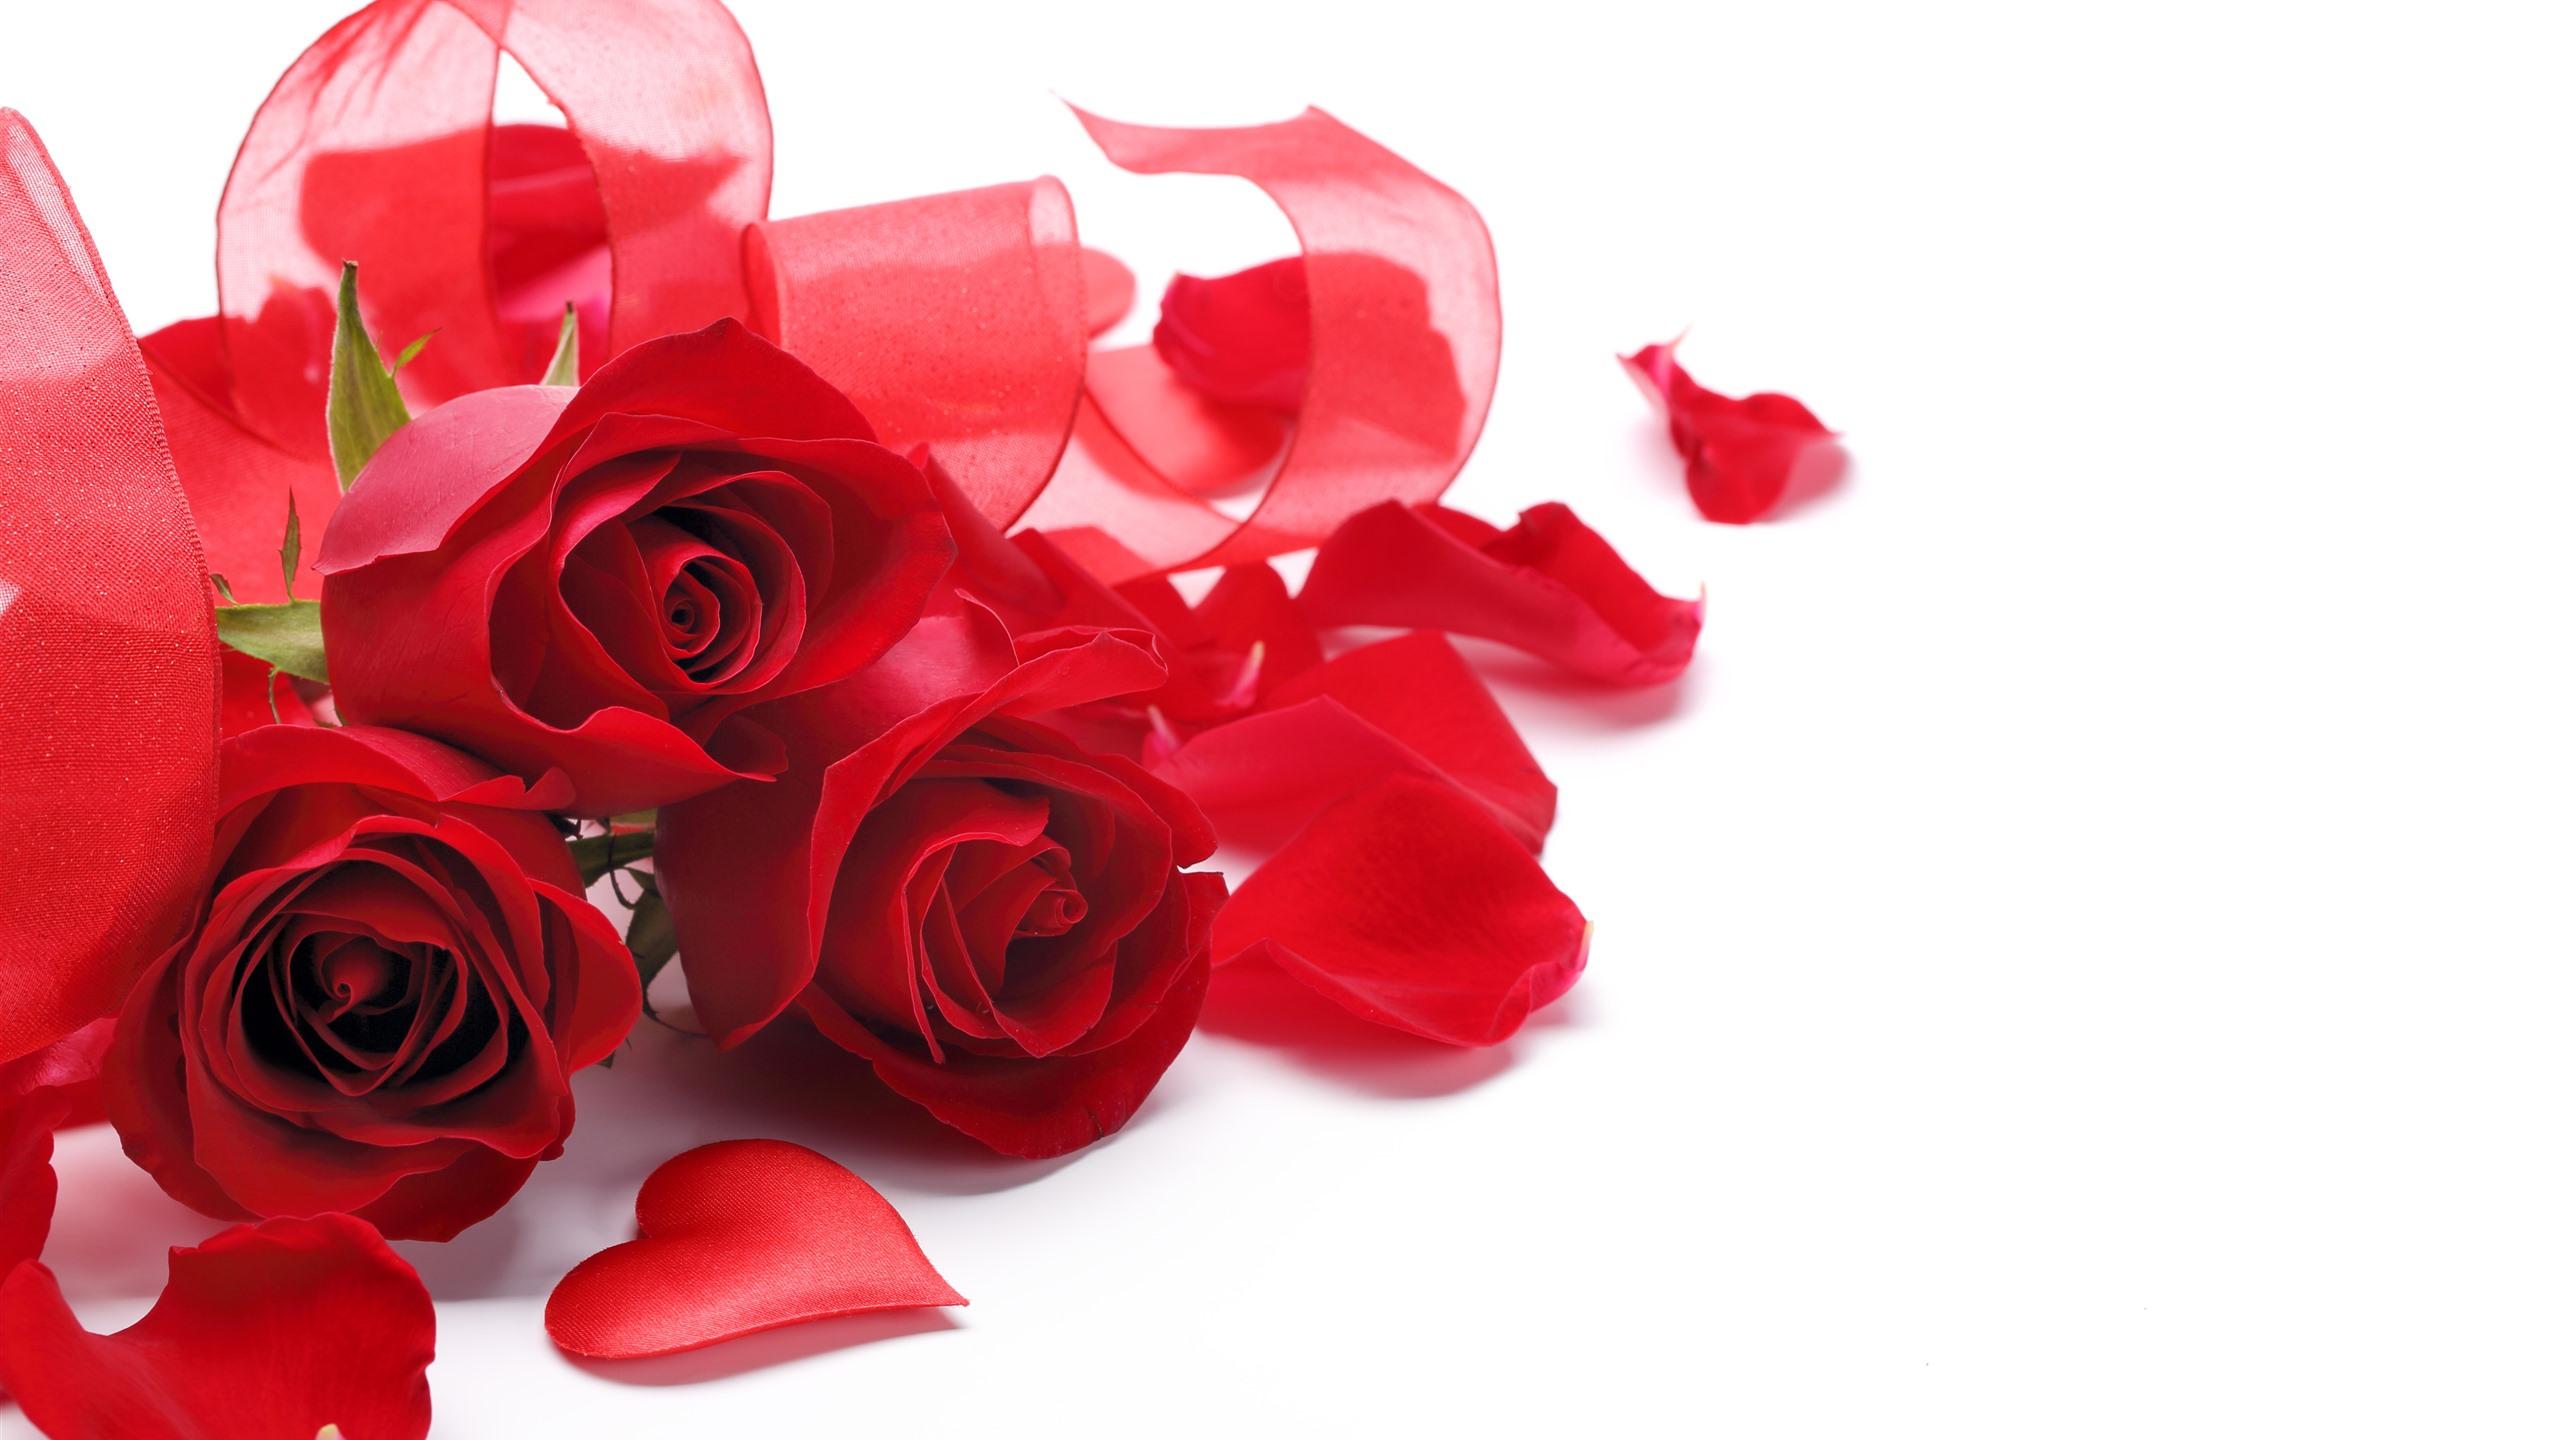 Fonds Décran Roses Rouges Bouquet Ruban Fond Blanc